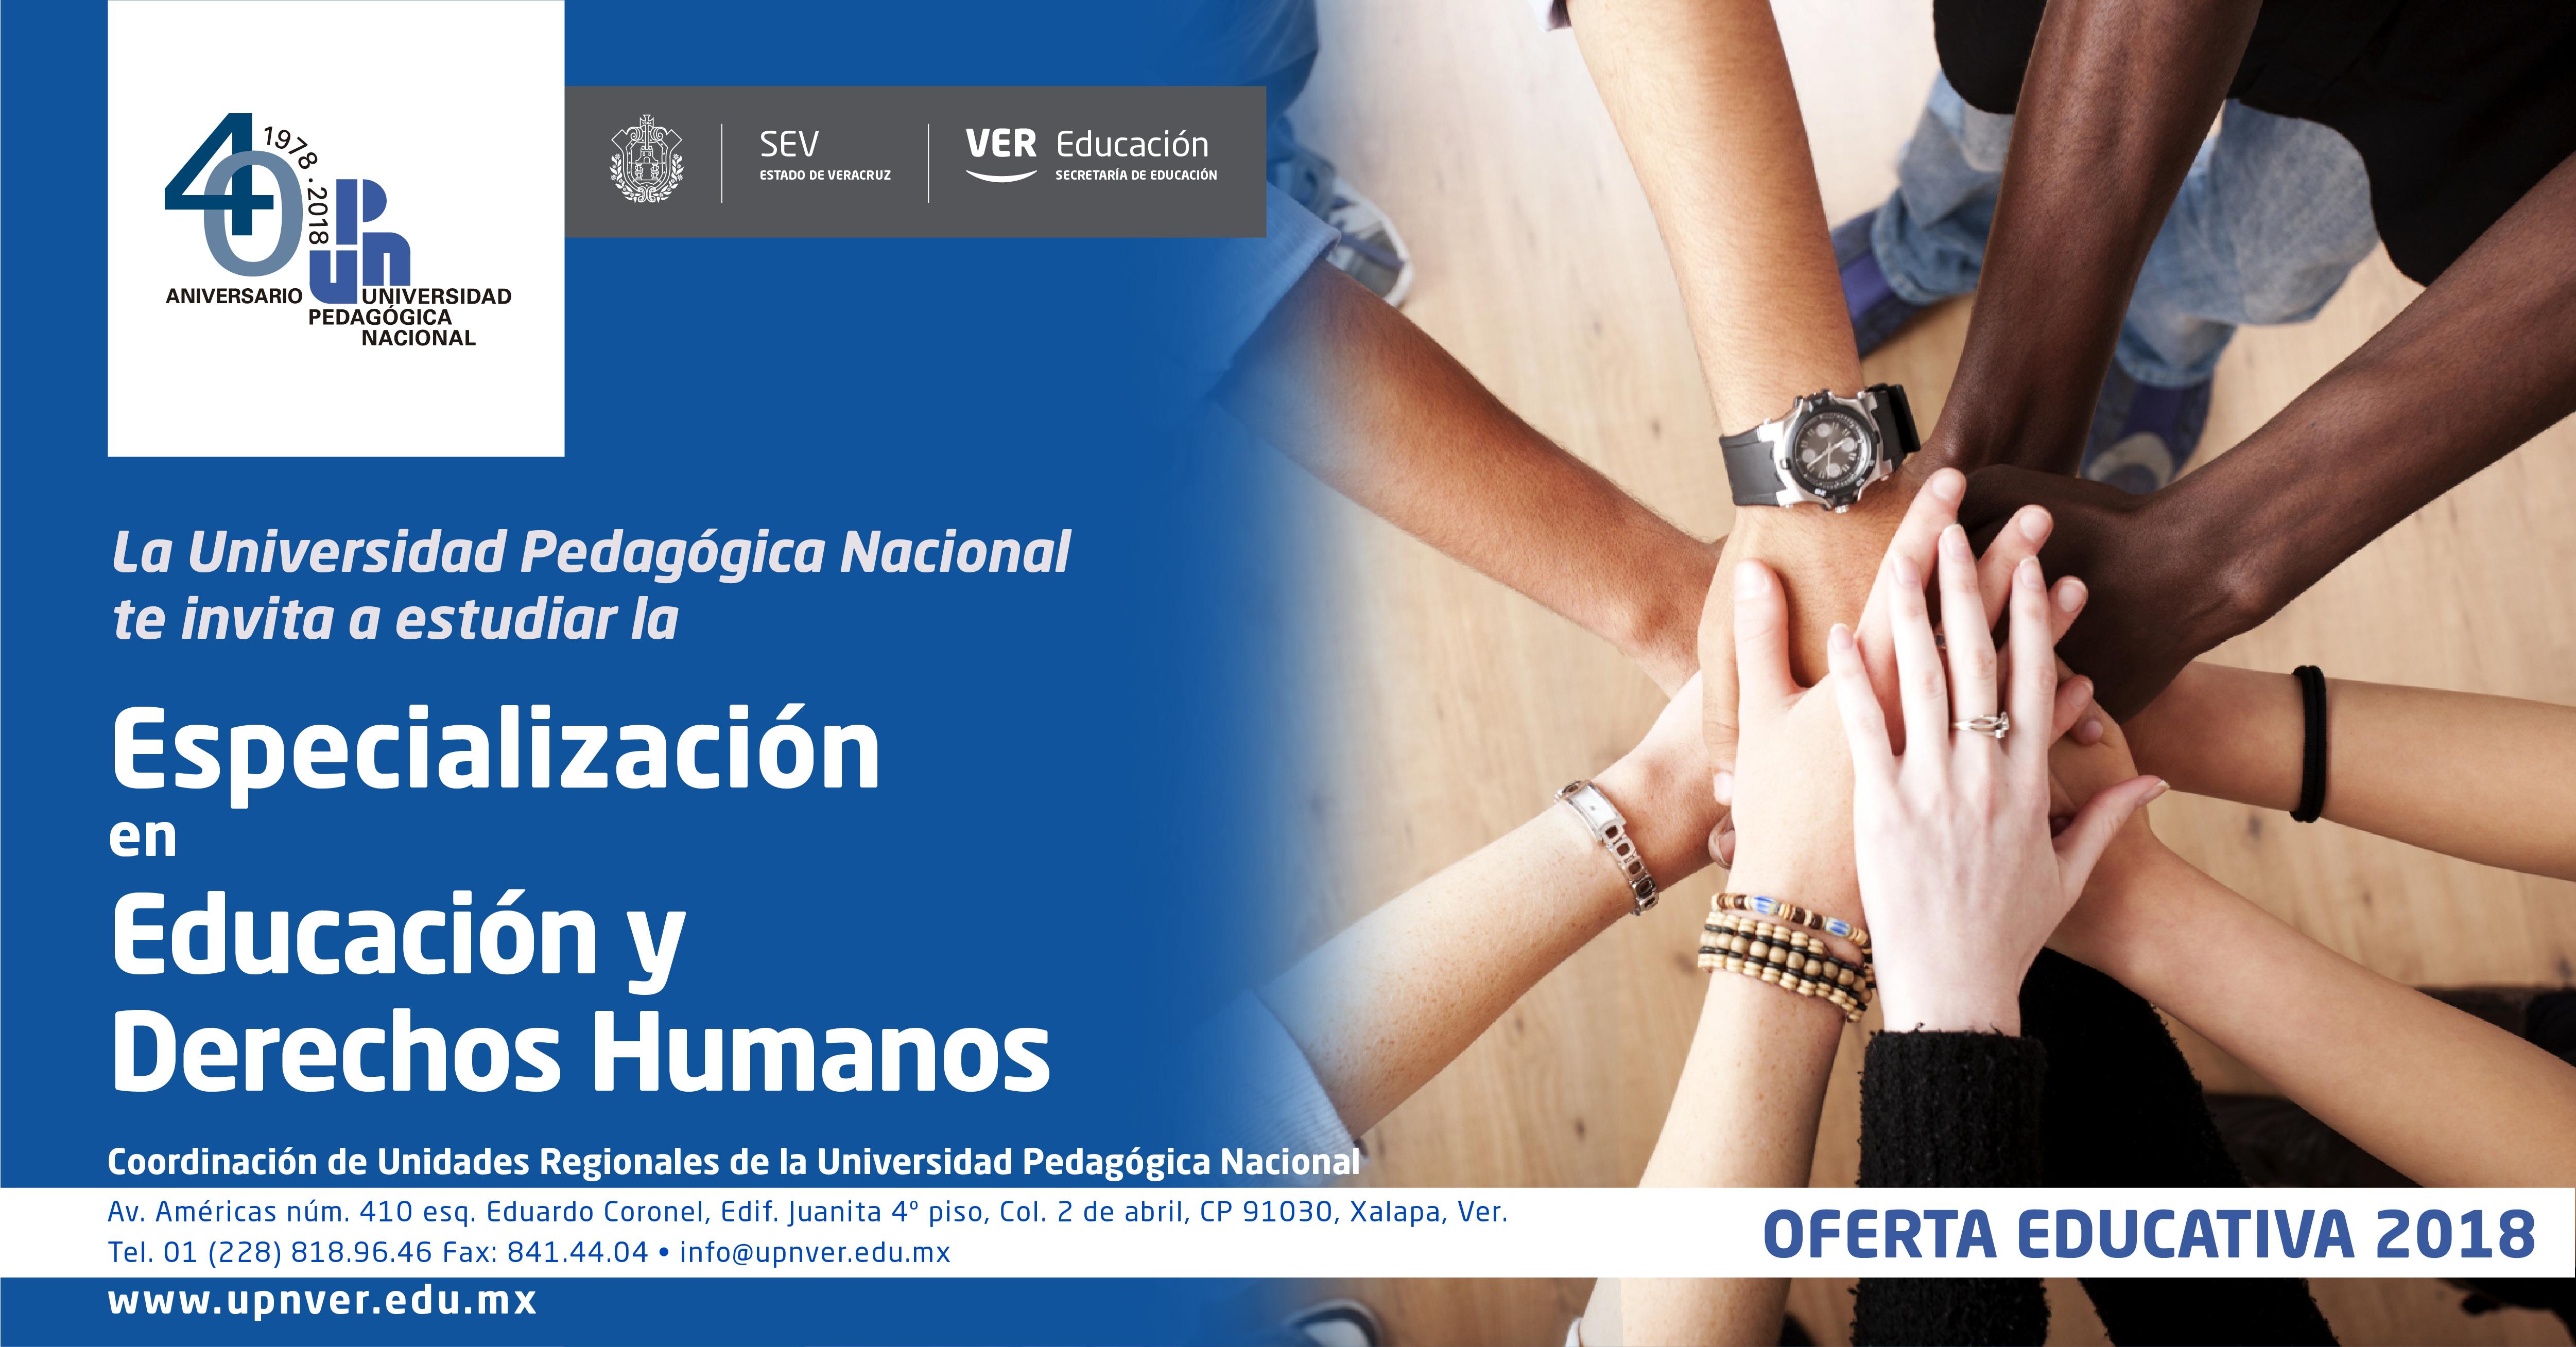 UPN_Banner_Promoción_Facebook_Educación_y_Derechos_Humanos